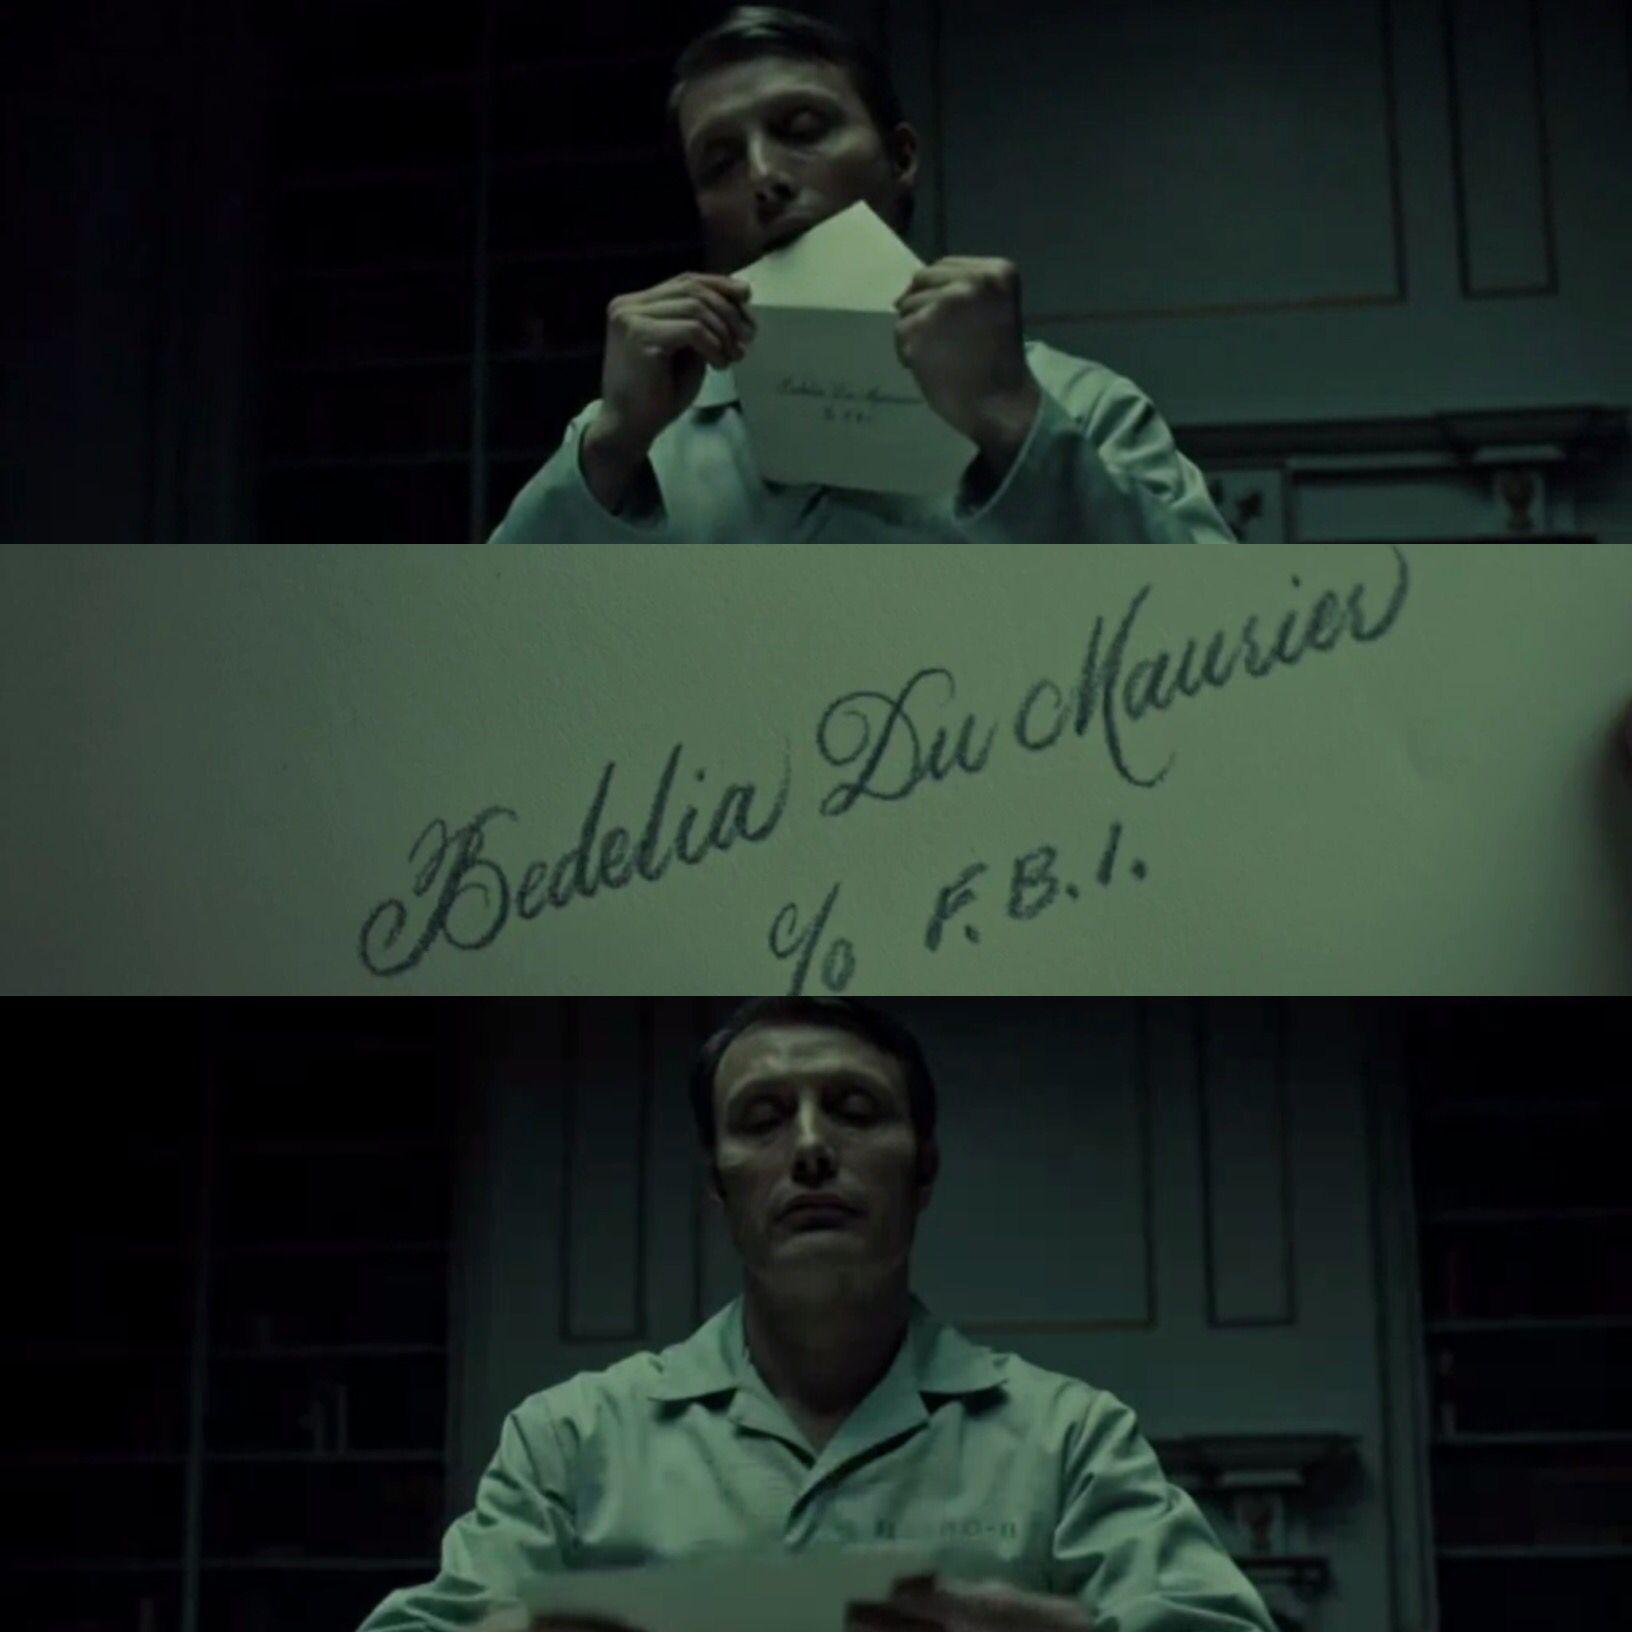 #Hannibal #Bedelia #Art #HannibalLecter #BedeliaDuMaurier #NBC #MadsMikkelsen #GillianAnderson #BrideofHannibal #Hannidelia #Bedannibal